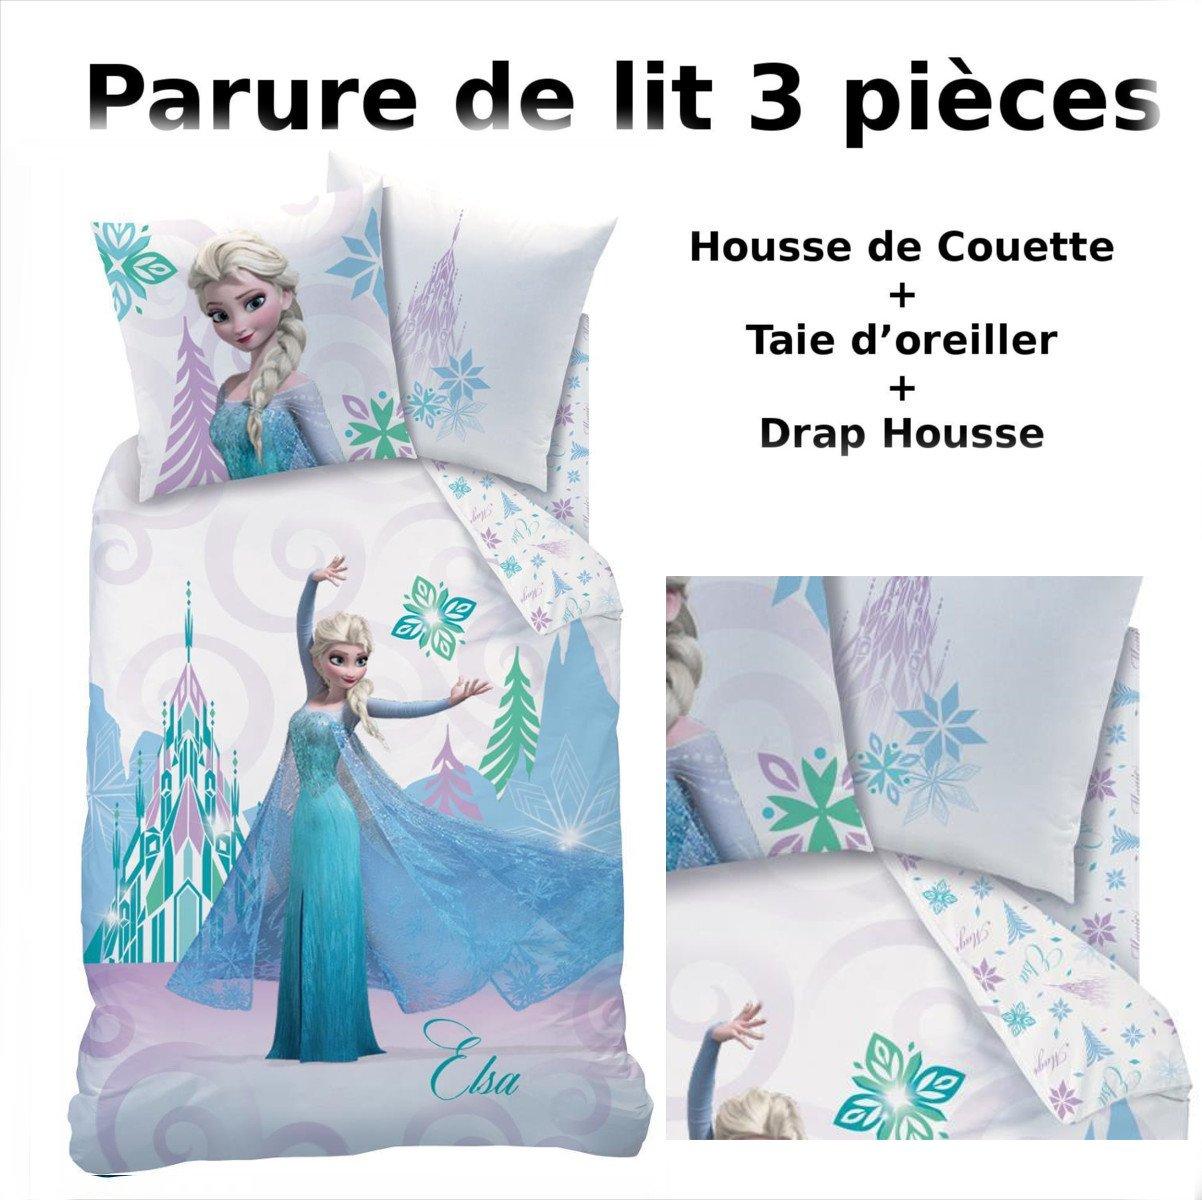 REINE DES NEIGES - Parure de lit (3pcs) - Housse de Couette (140x200) + Taie  d Oreiller (63x63) + Drap housse (90x190) - 100% Coton - Imprimé Arabesque   ... 7ddfcd7120bc